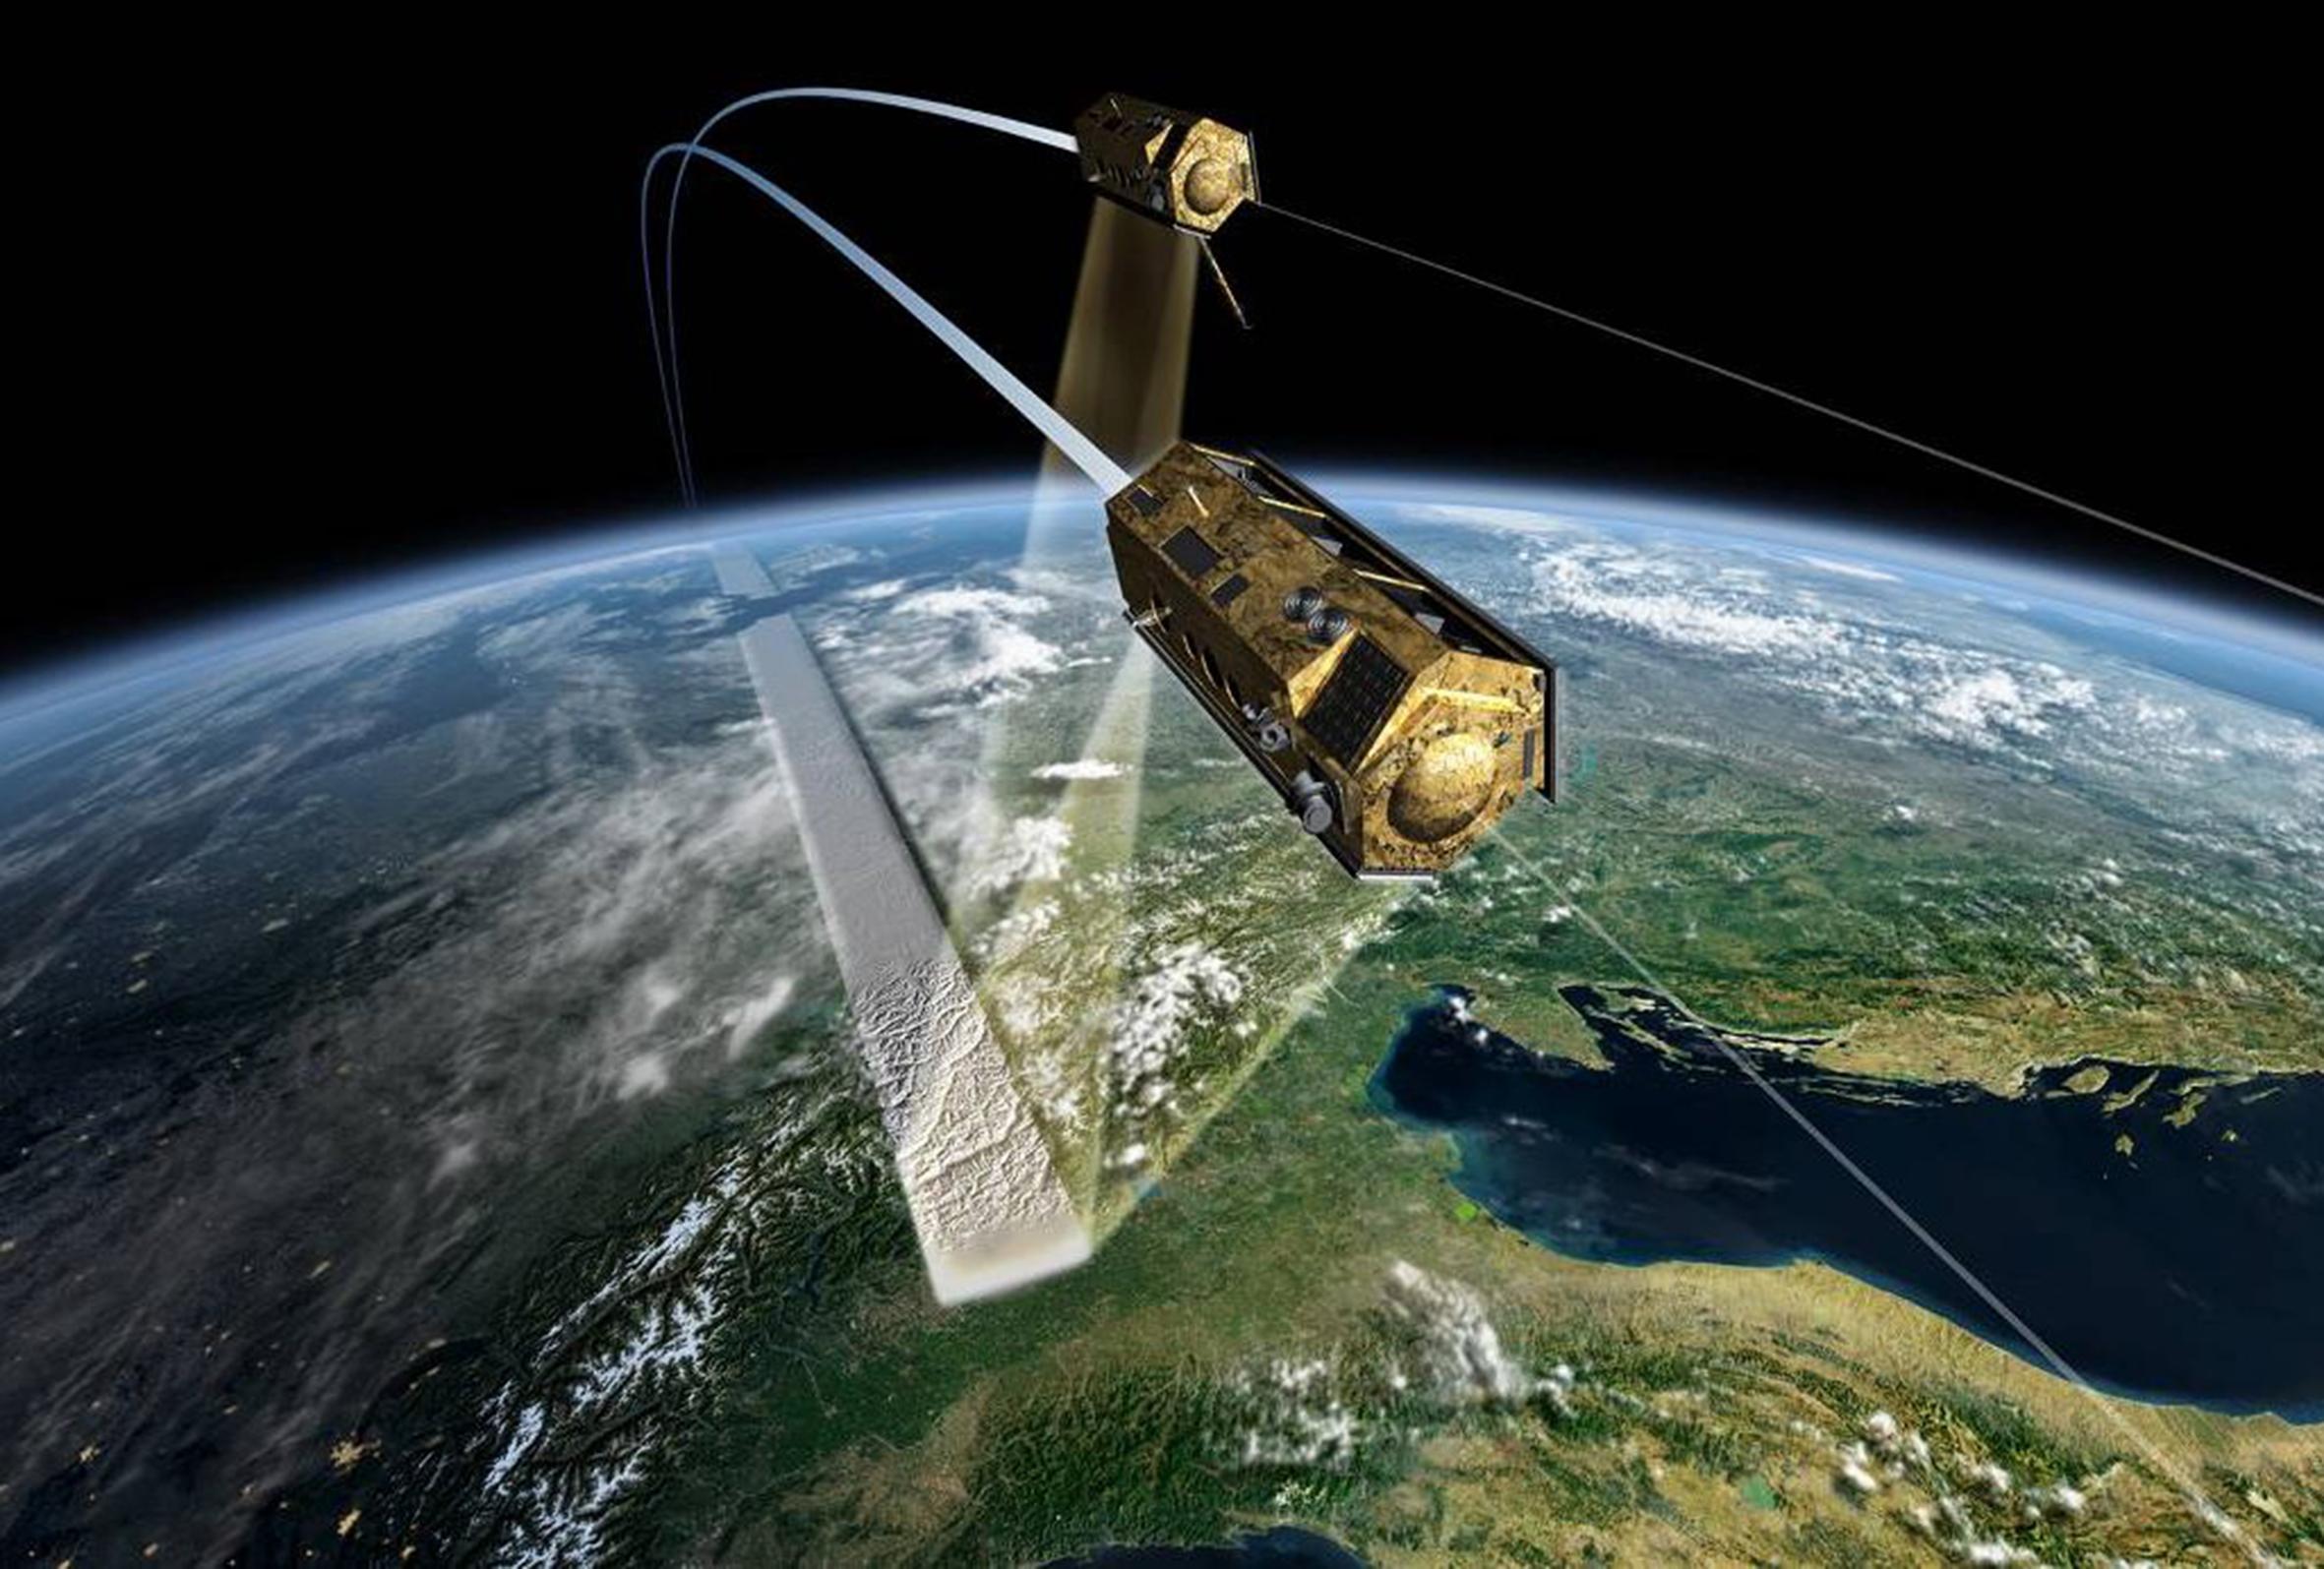 Metallmodul im Orbit im Überblick über die Erde